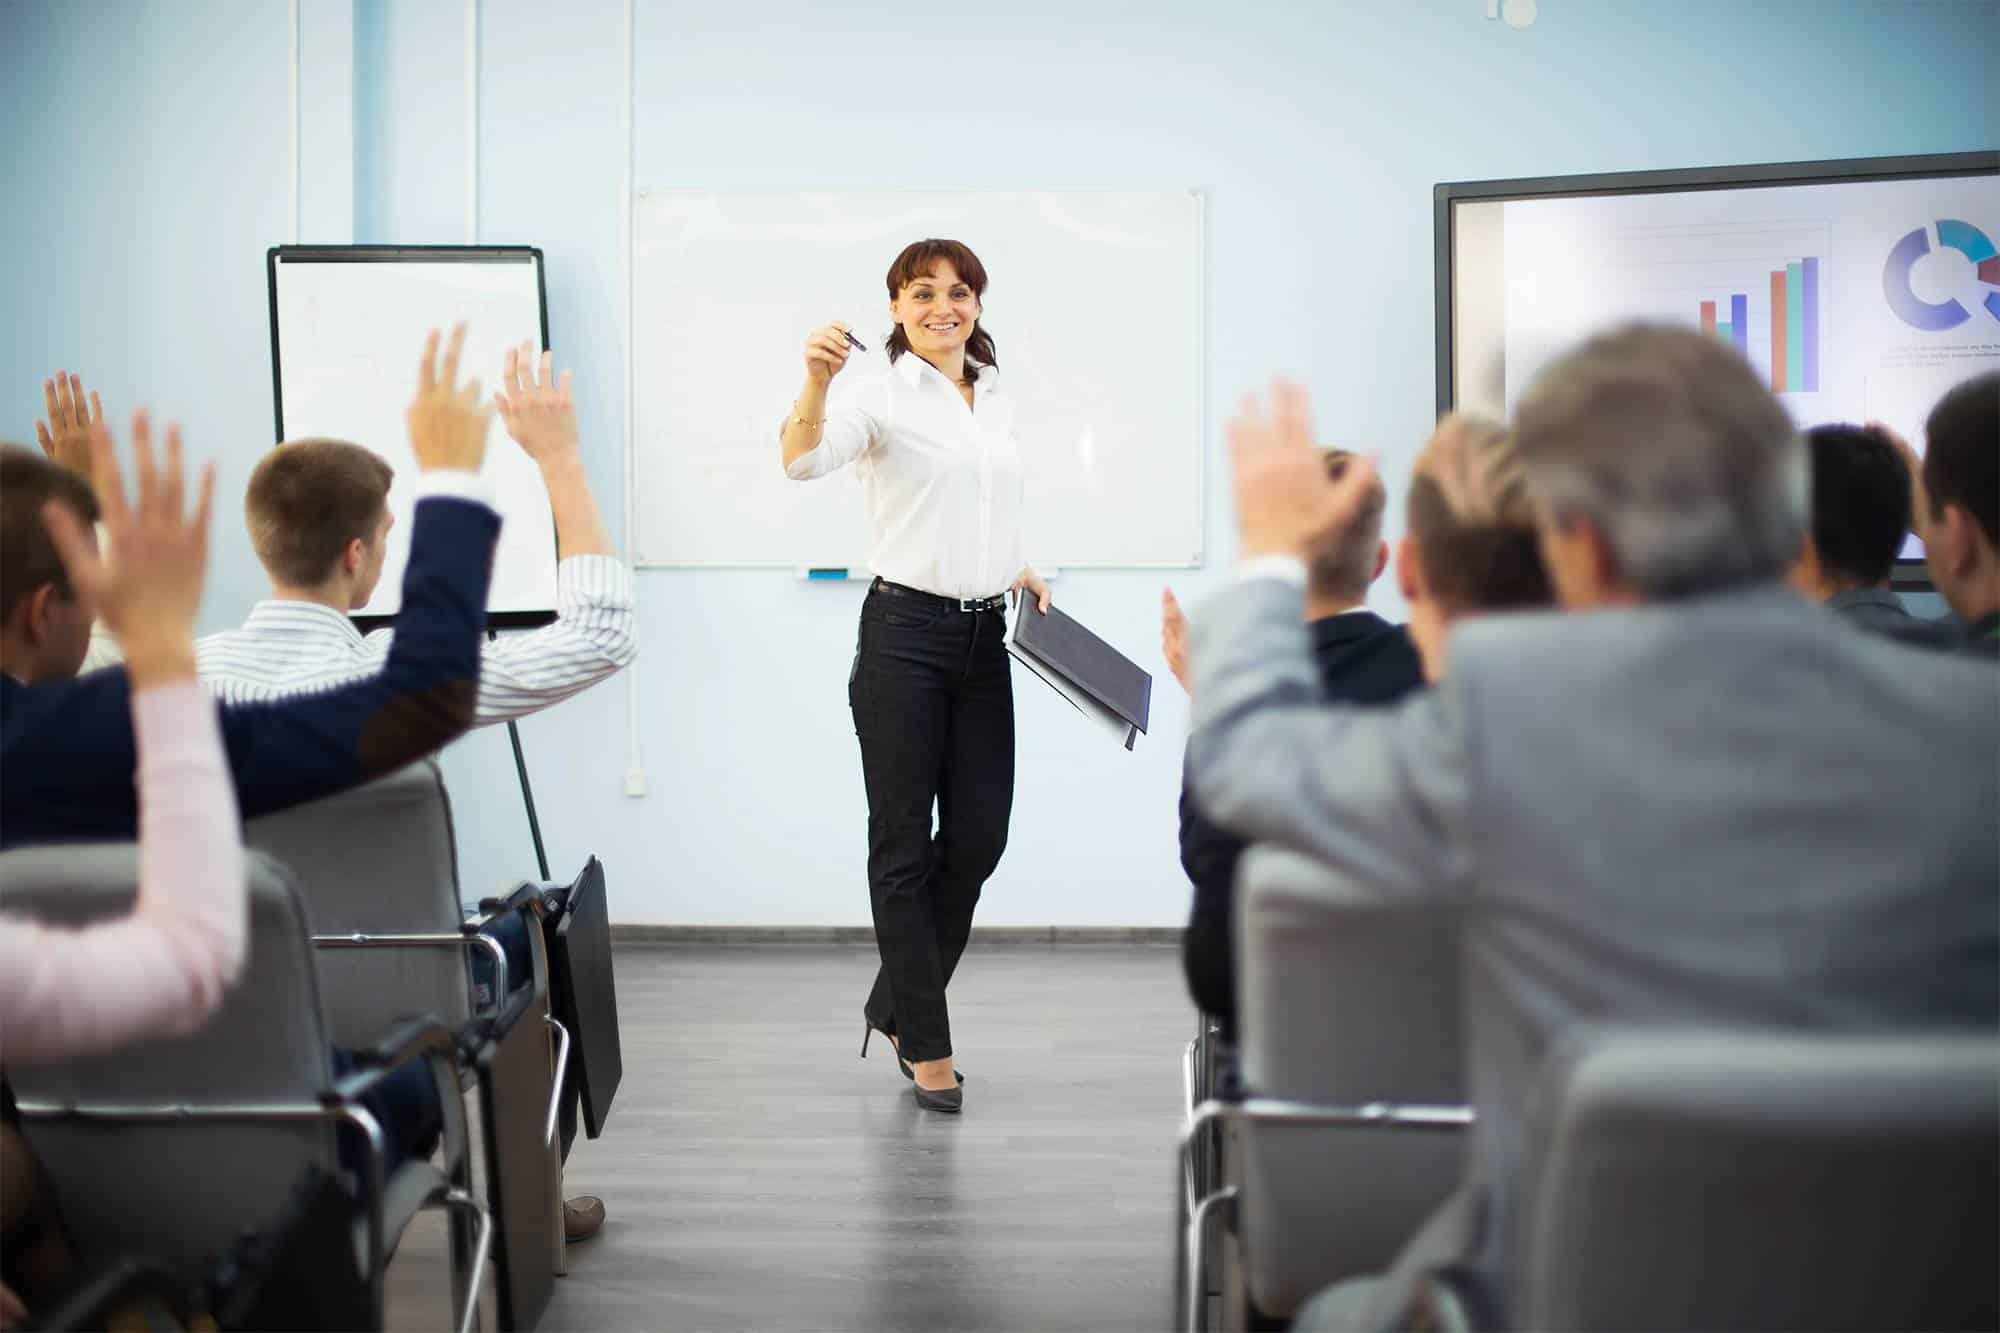 Choisir la bonne formation : cinq pistes pour ne pas se tromper